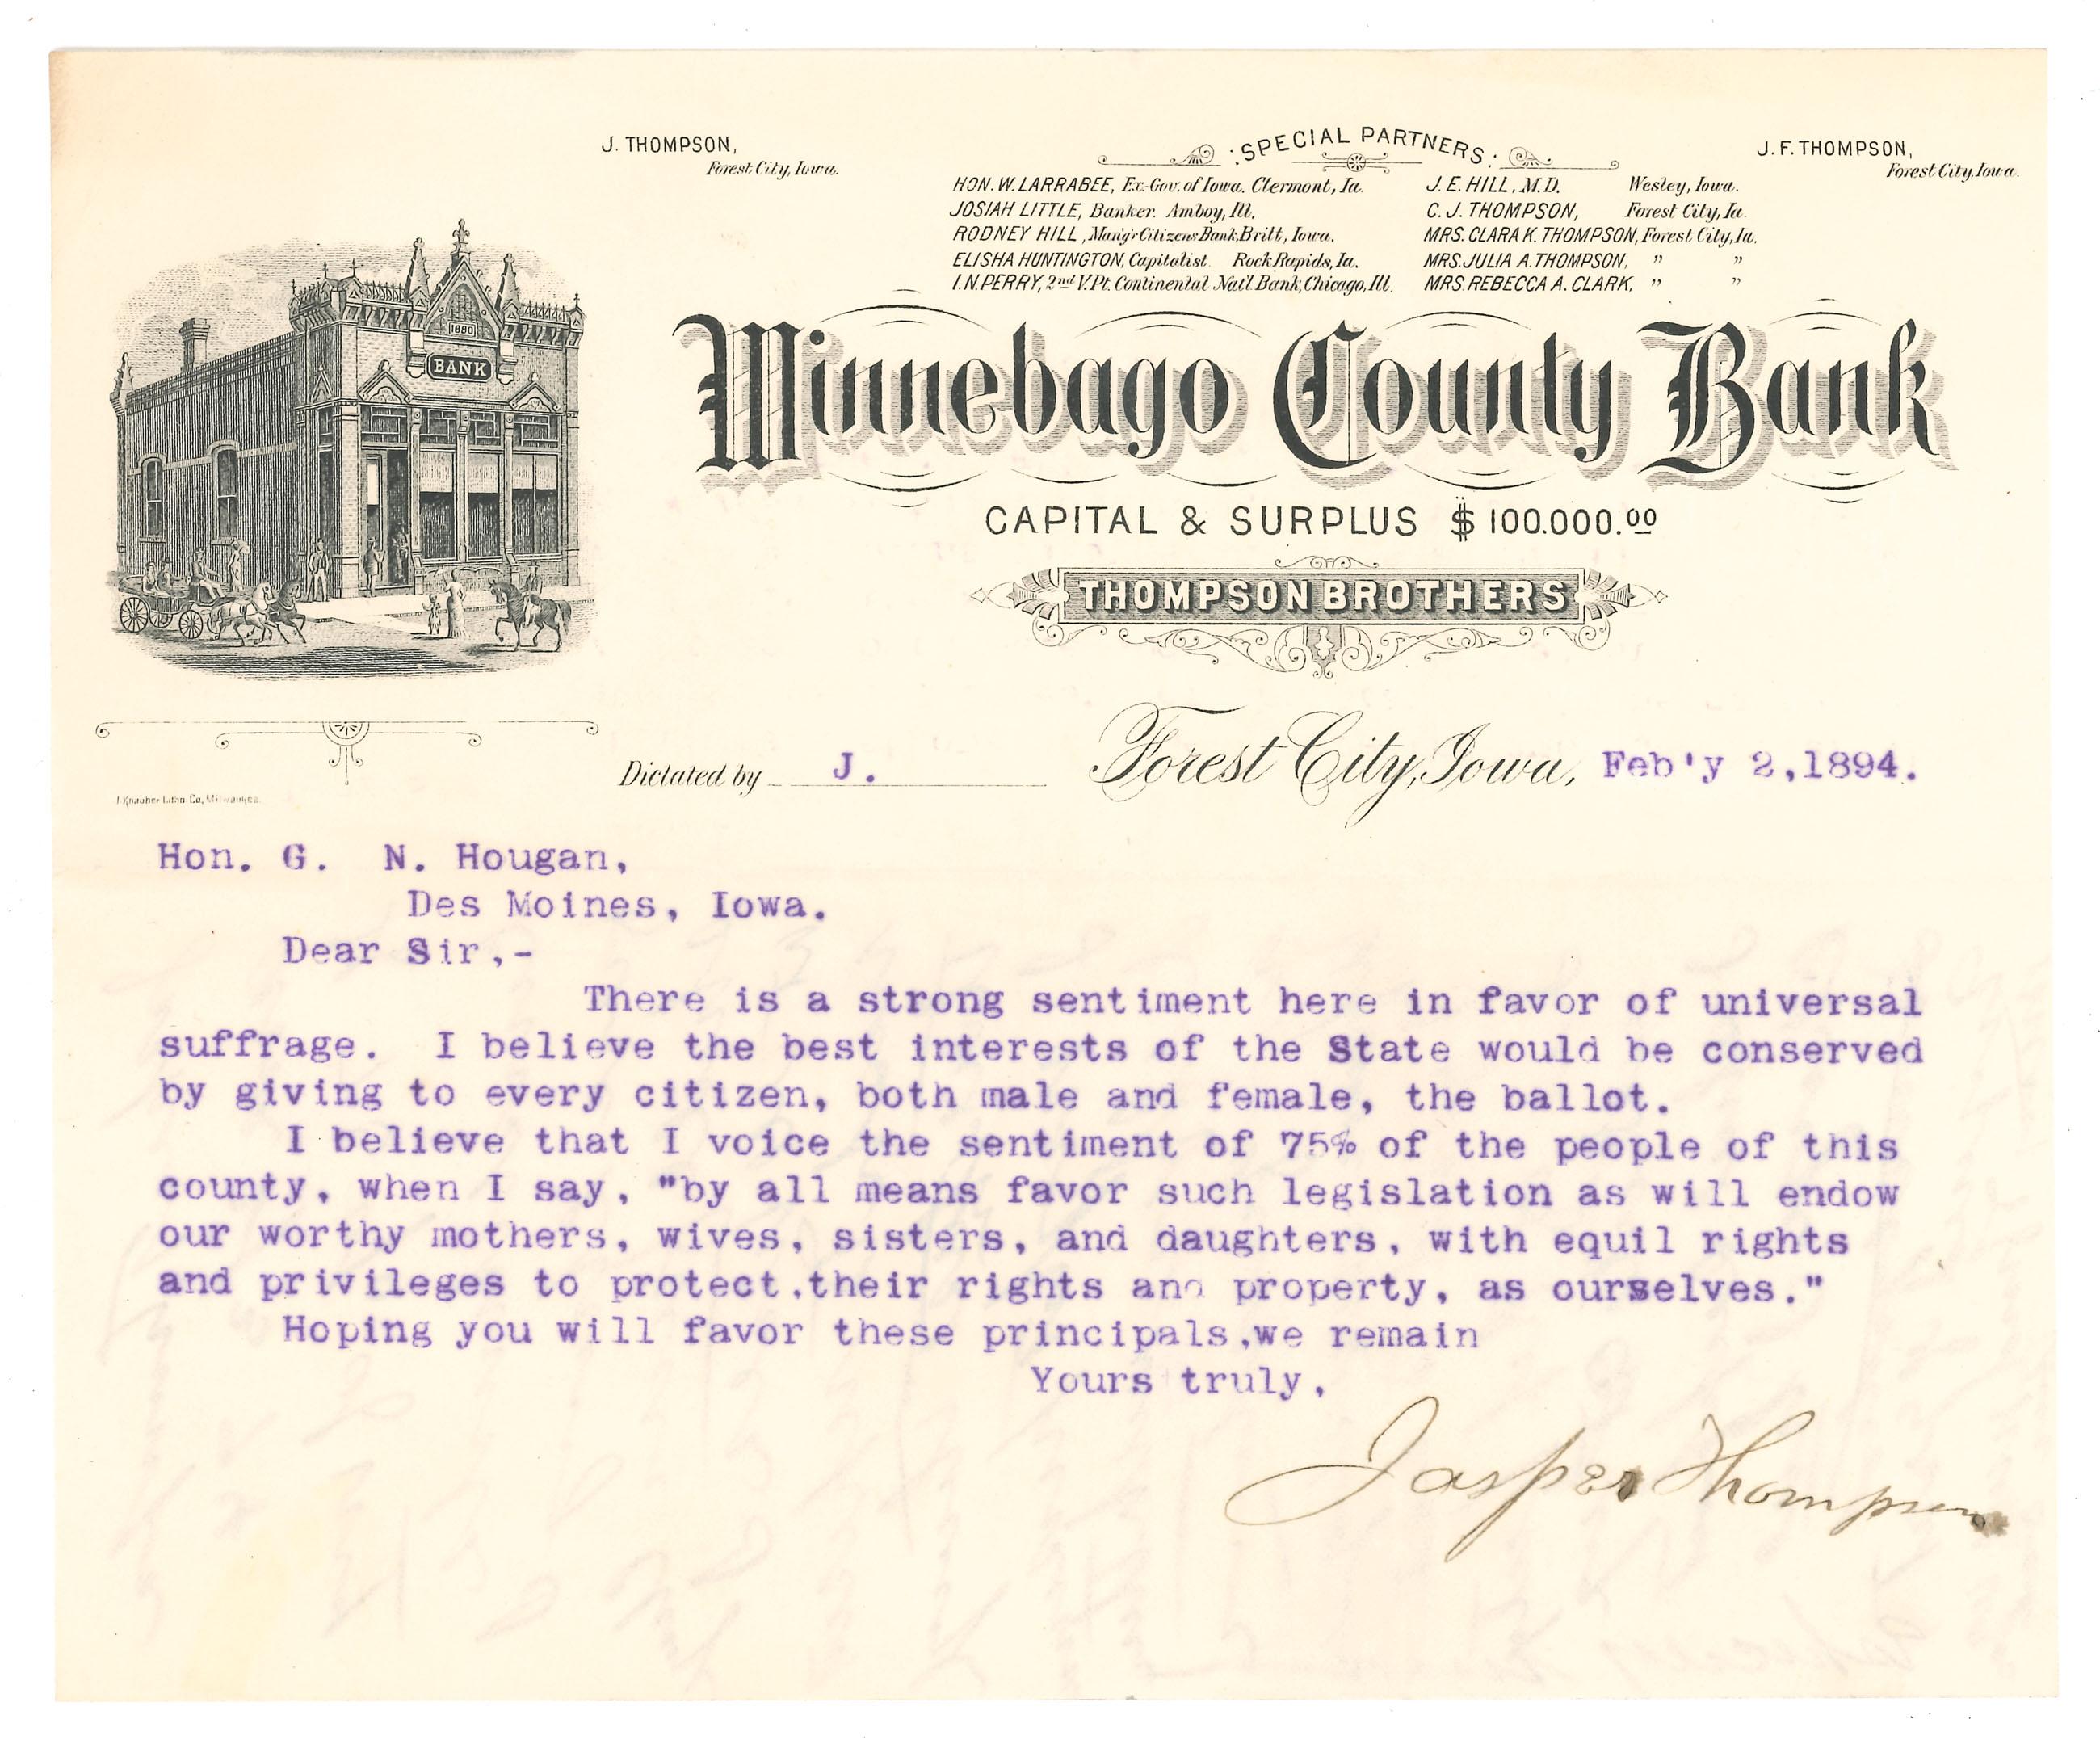 Gilbert Haugen correspondence